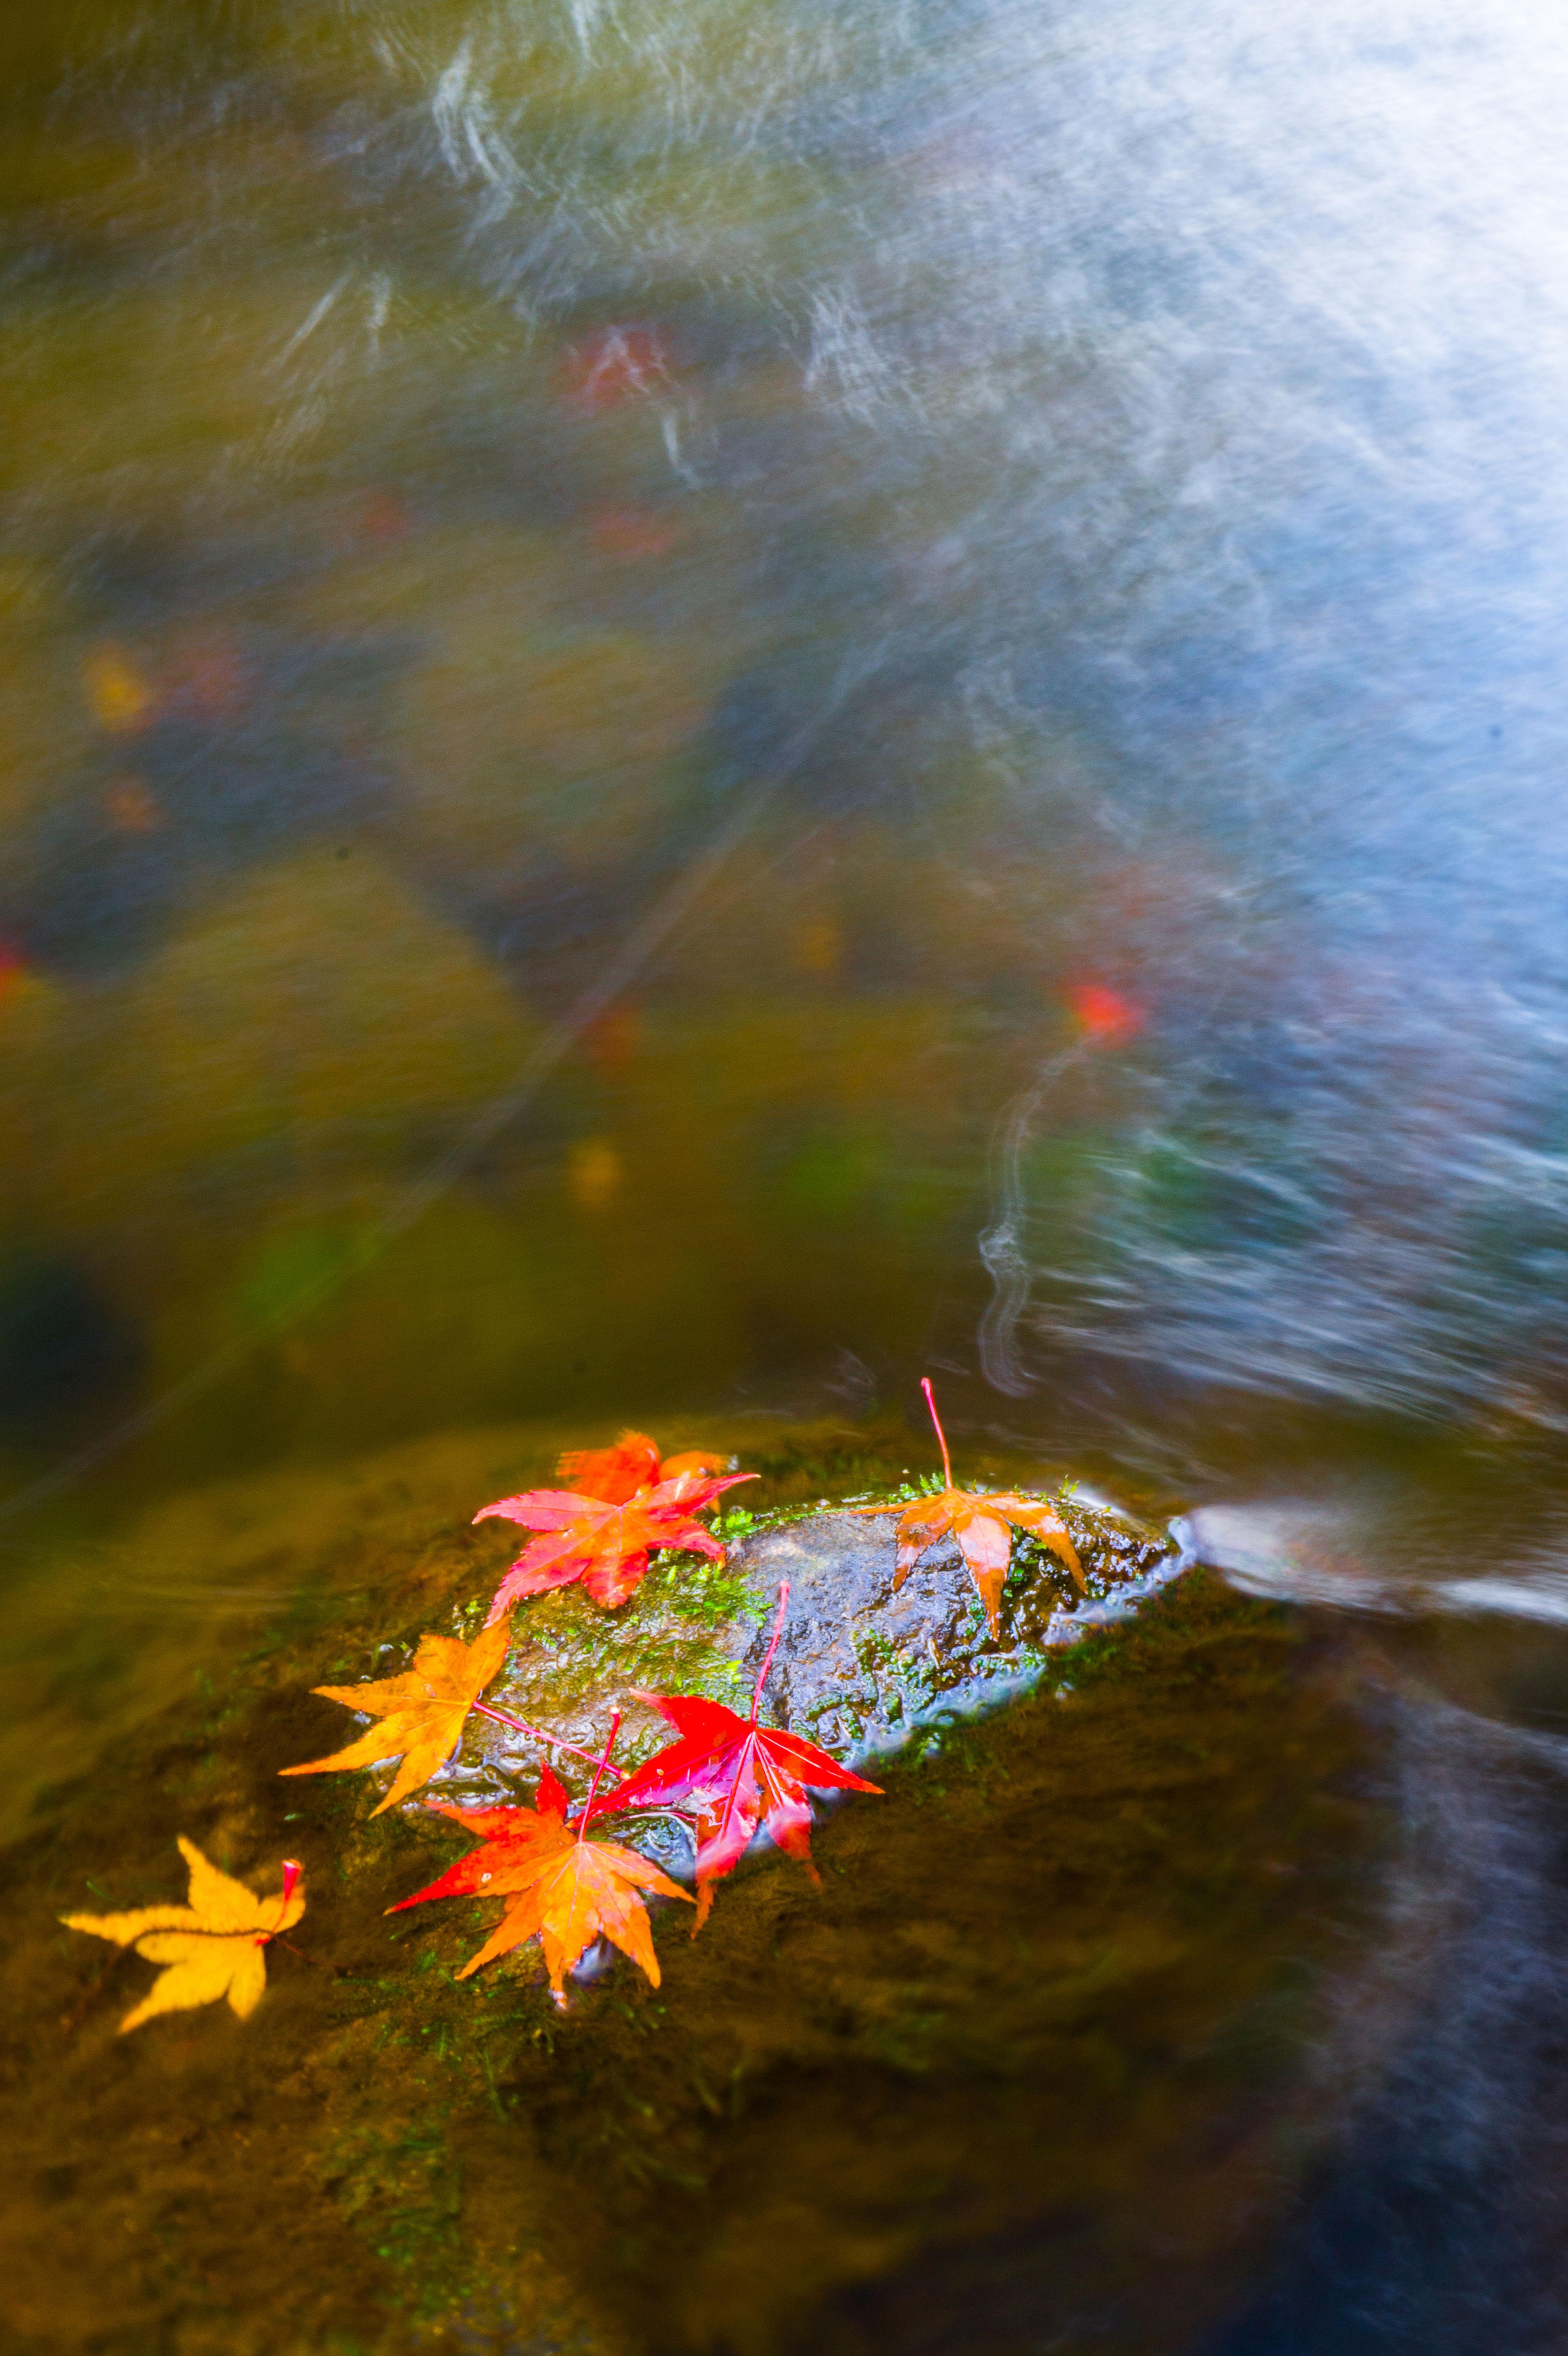 もみじ 紅葉 川 池 秋 大分県 Autumn Autumn🍁🍁🍁 Autumn Collection Colors Of Autumn River Pond Autumn Colors Sony Nex3 E18-55mm F3.5-5.6 OSS